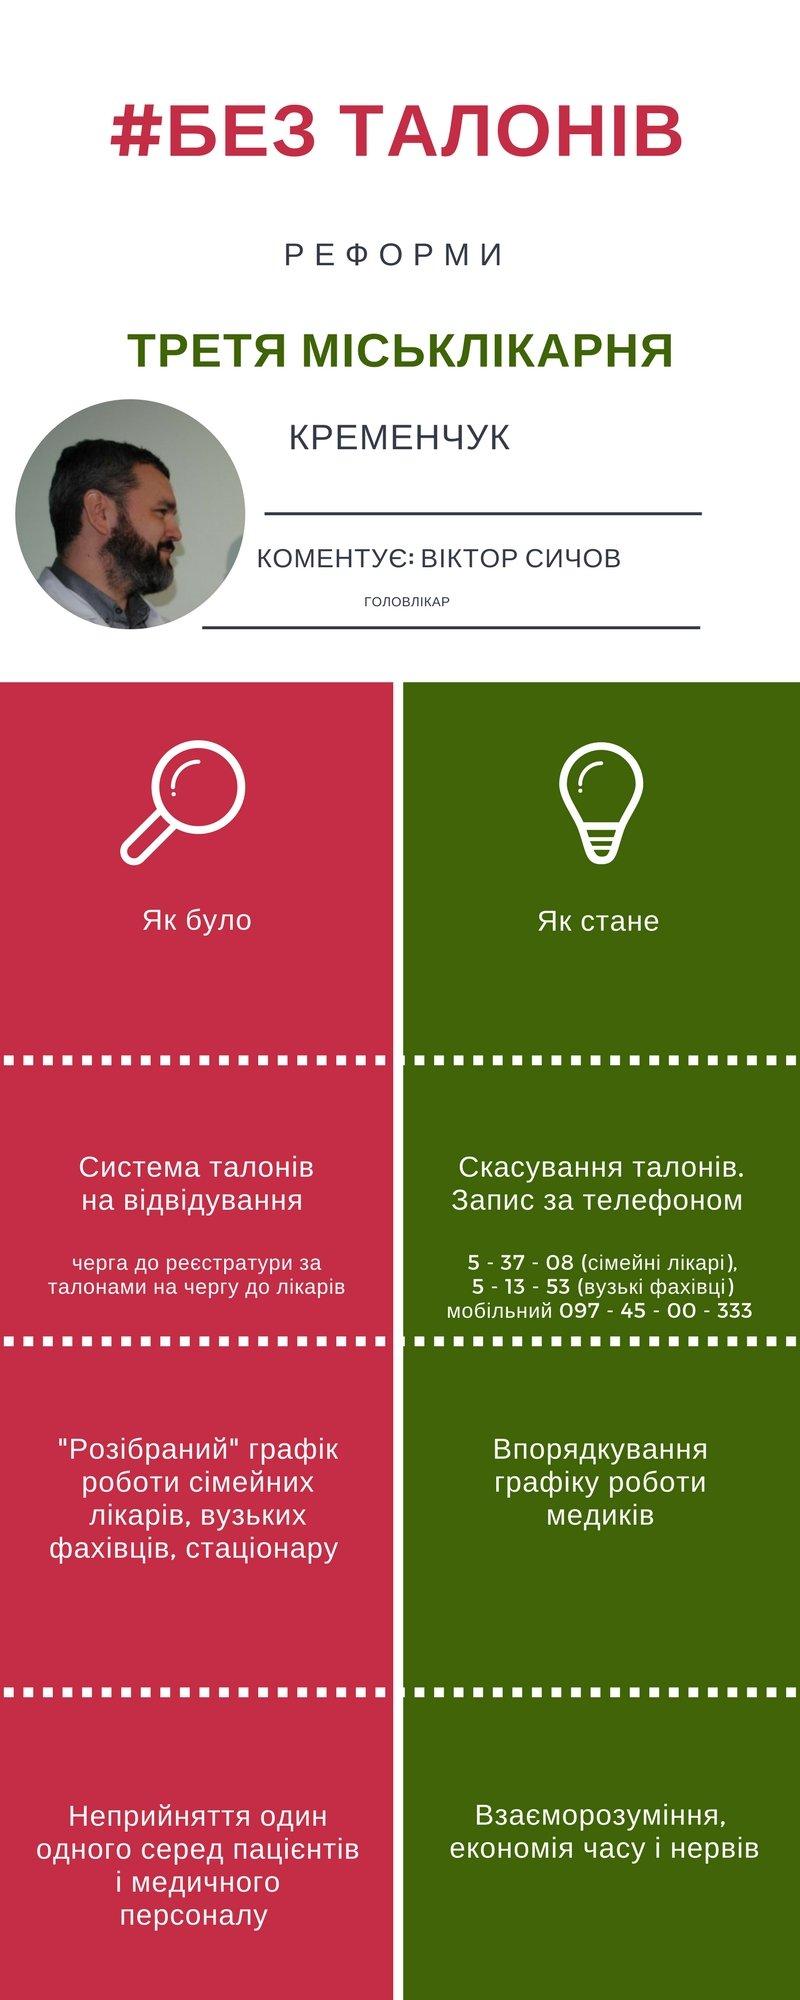 Як планують реорганізувати Третю лікарню (1)